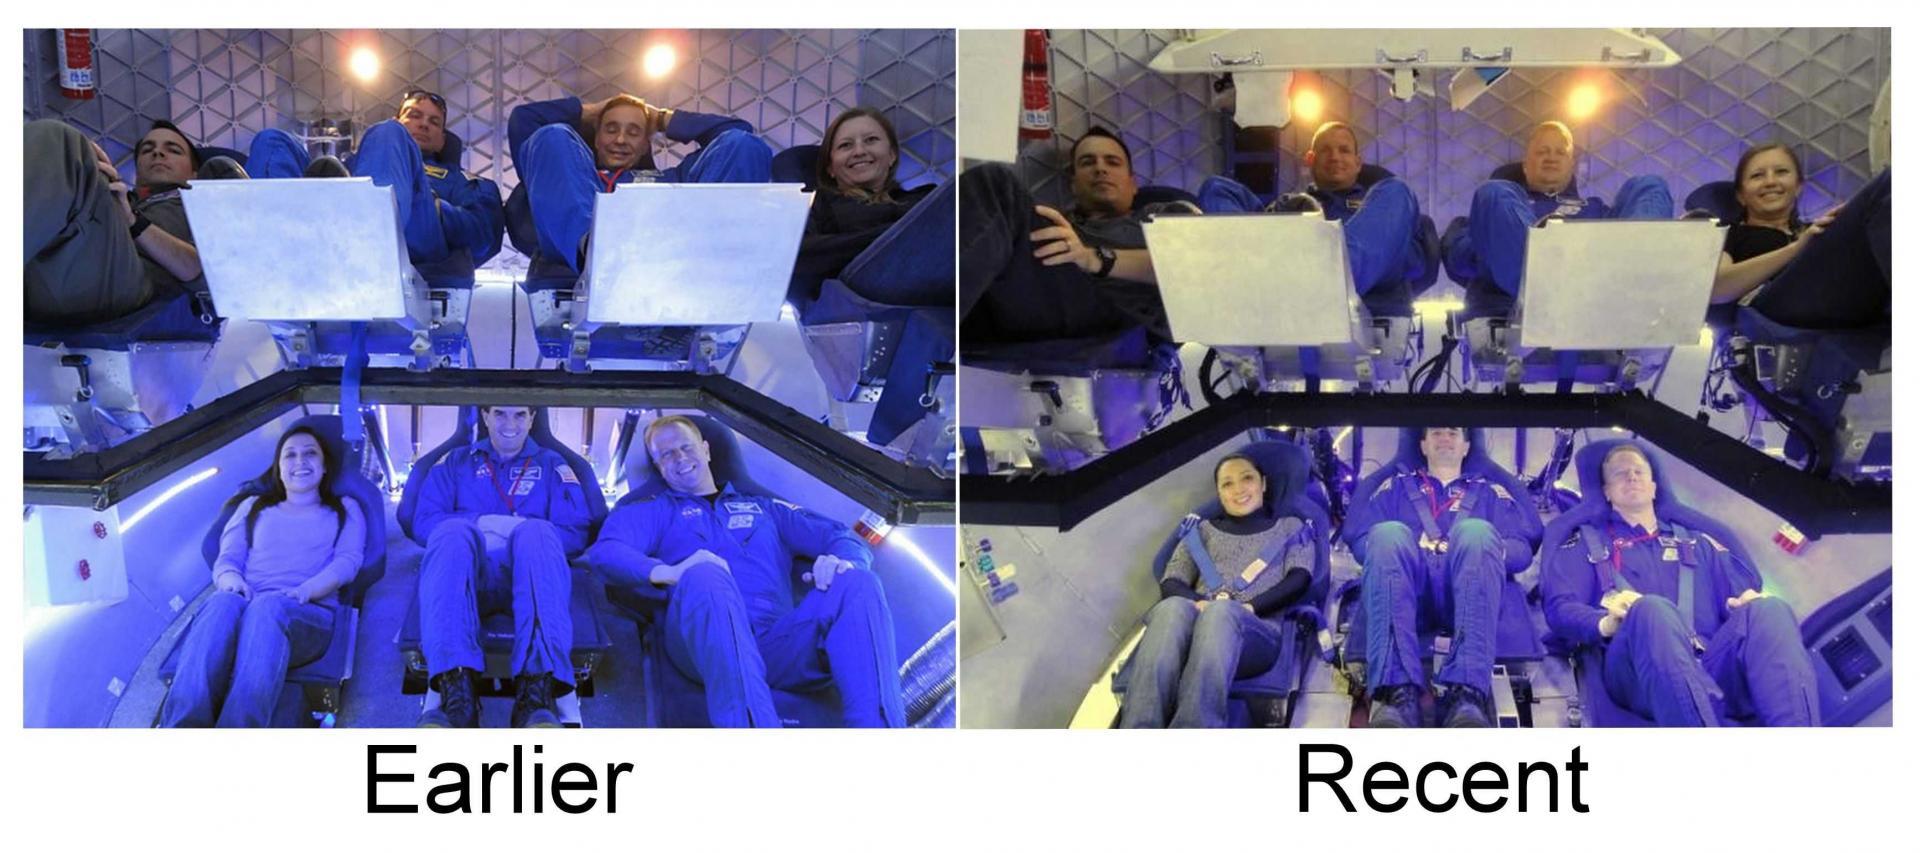 dragon capsule cst 100 spacecraft vs - photo #3